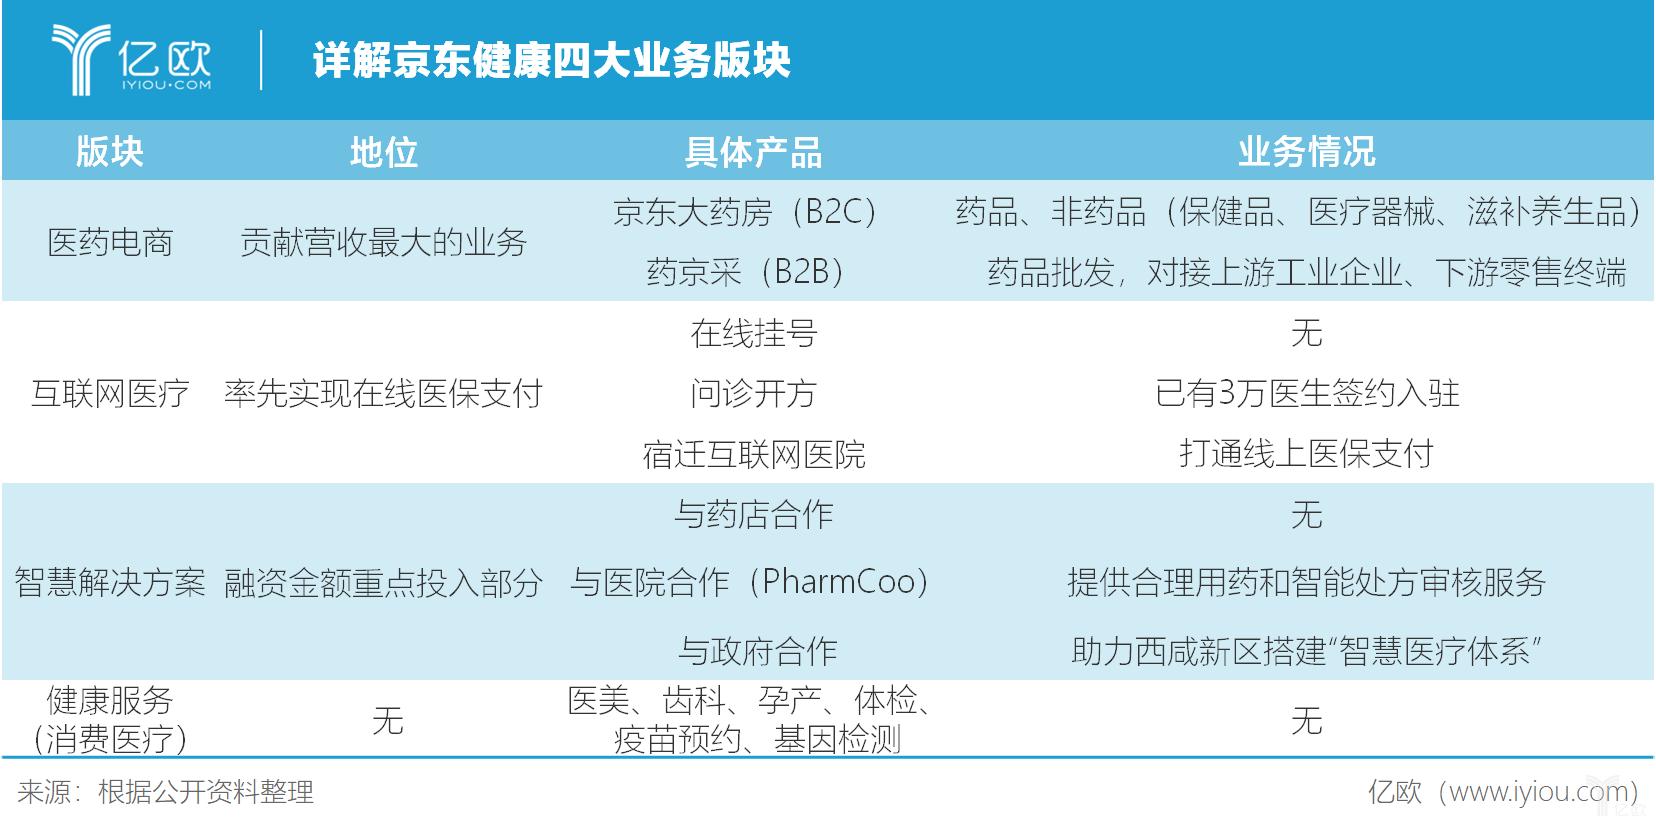 详解京东健康撕大业务版块